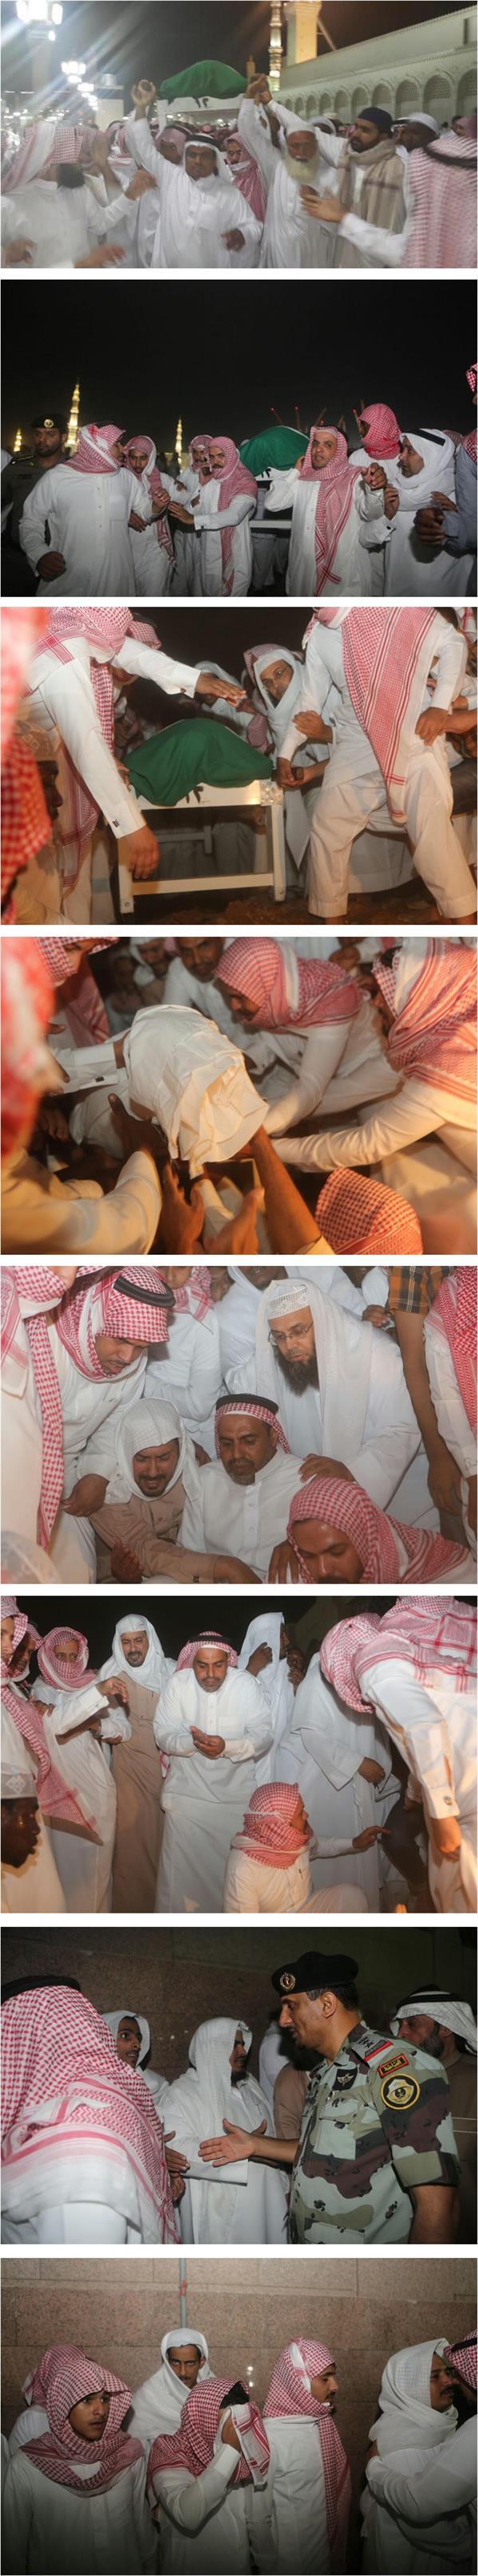 الصلاة على الشهيد الحربي في المسجد النبوي